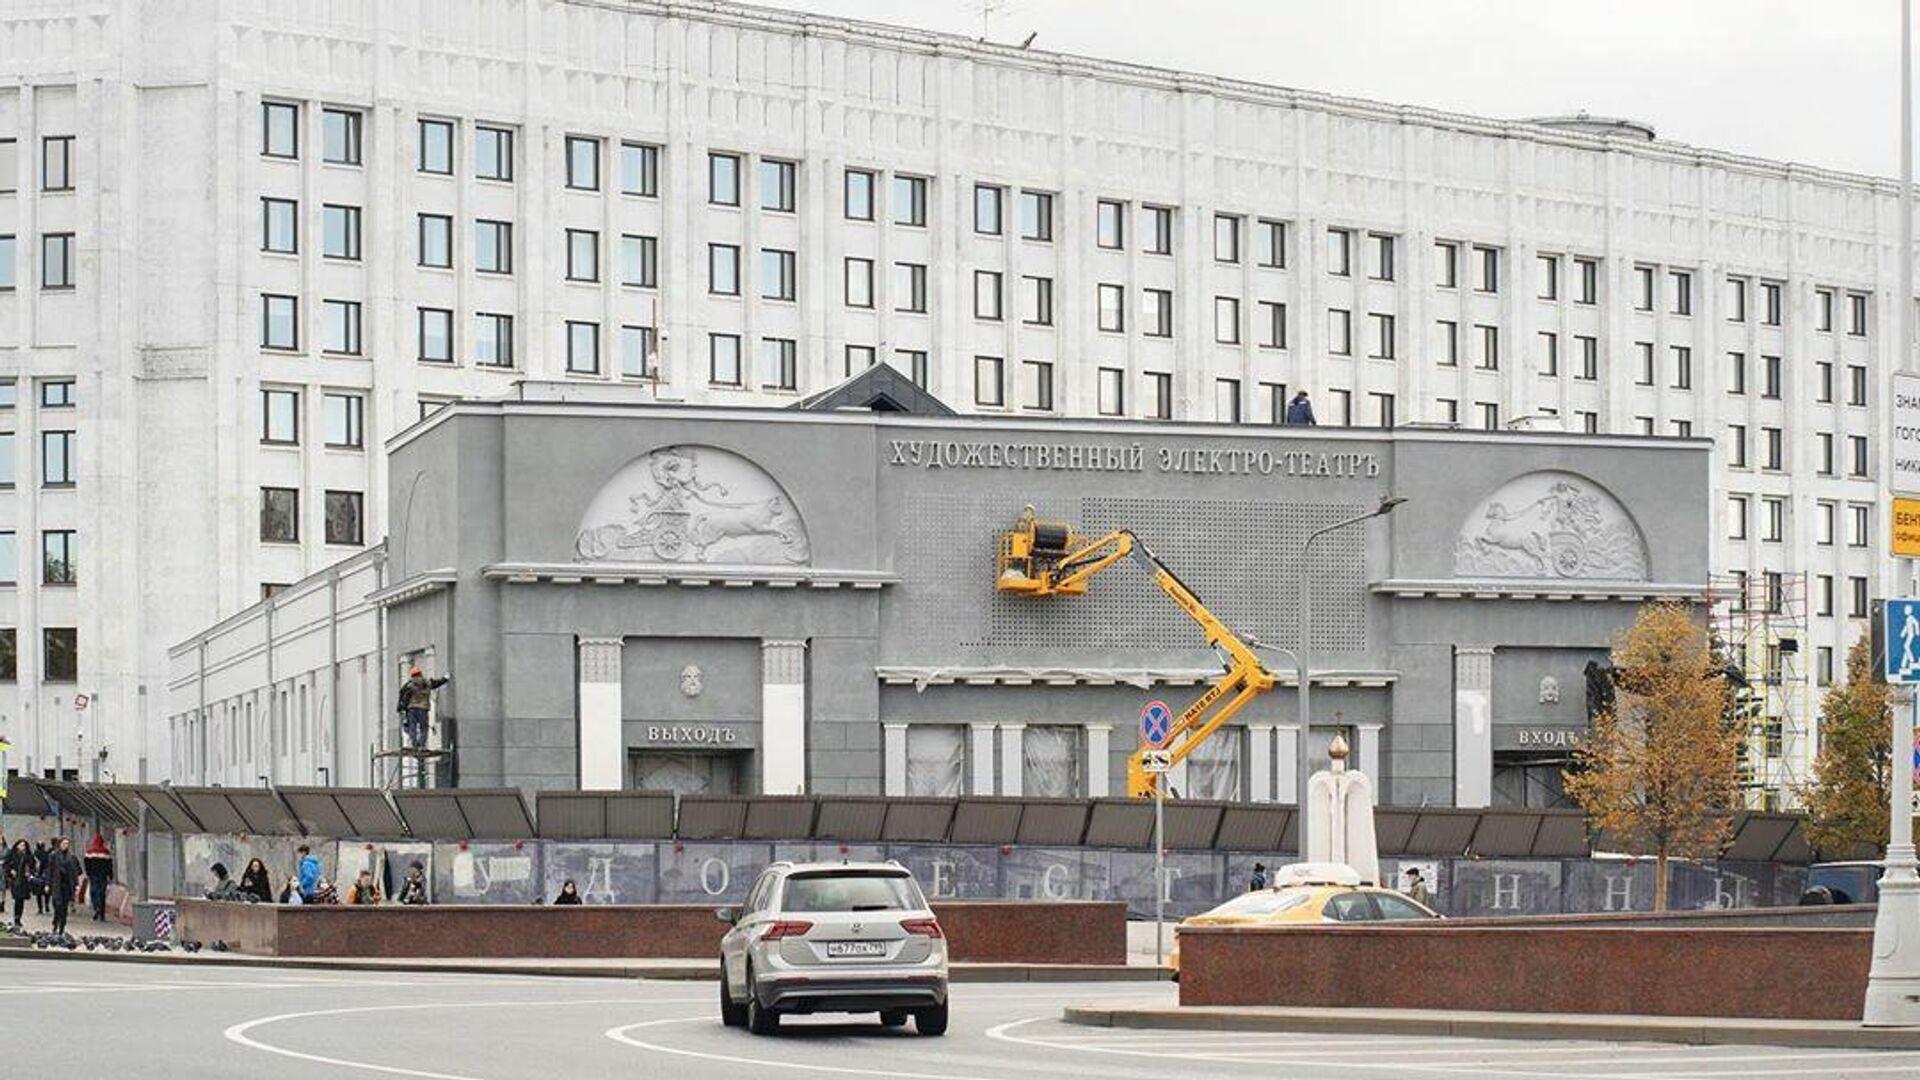 Фасад кинотеатра Художественный открыли после реставрации в Москве - РИА Новости, 1920, 20.10.2020